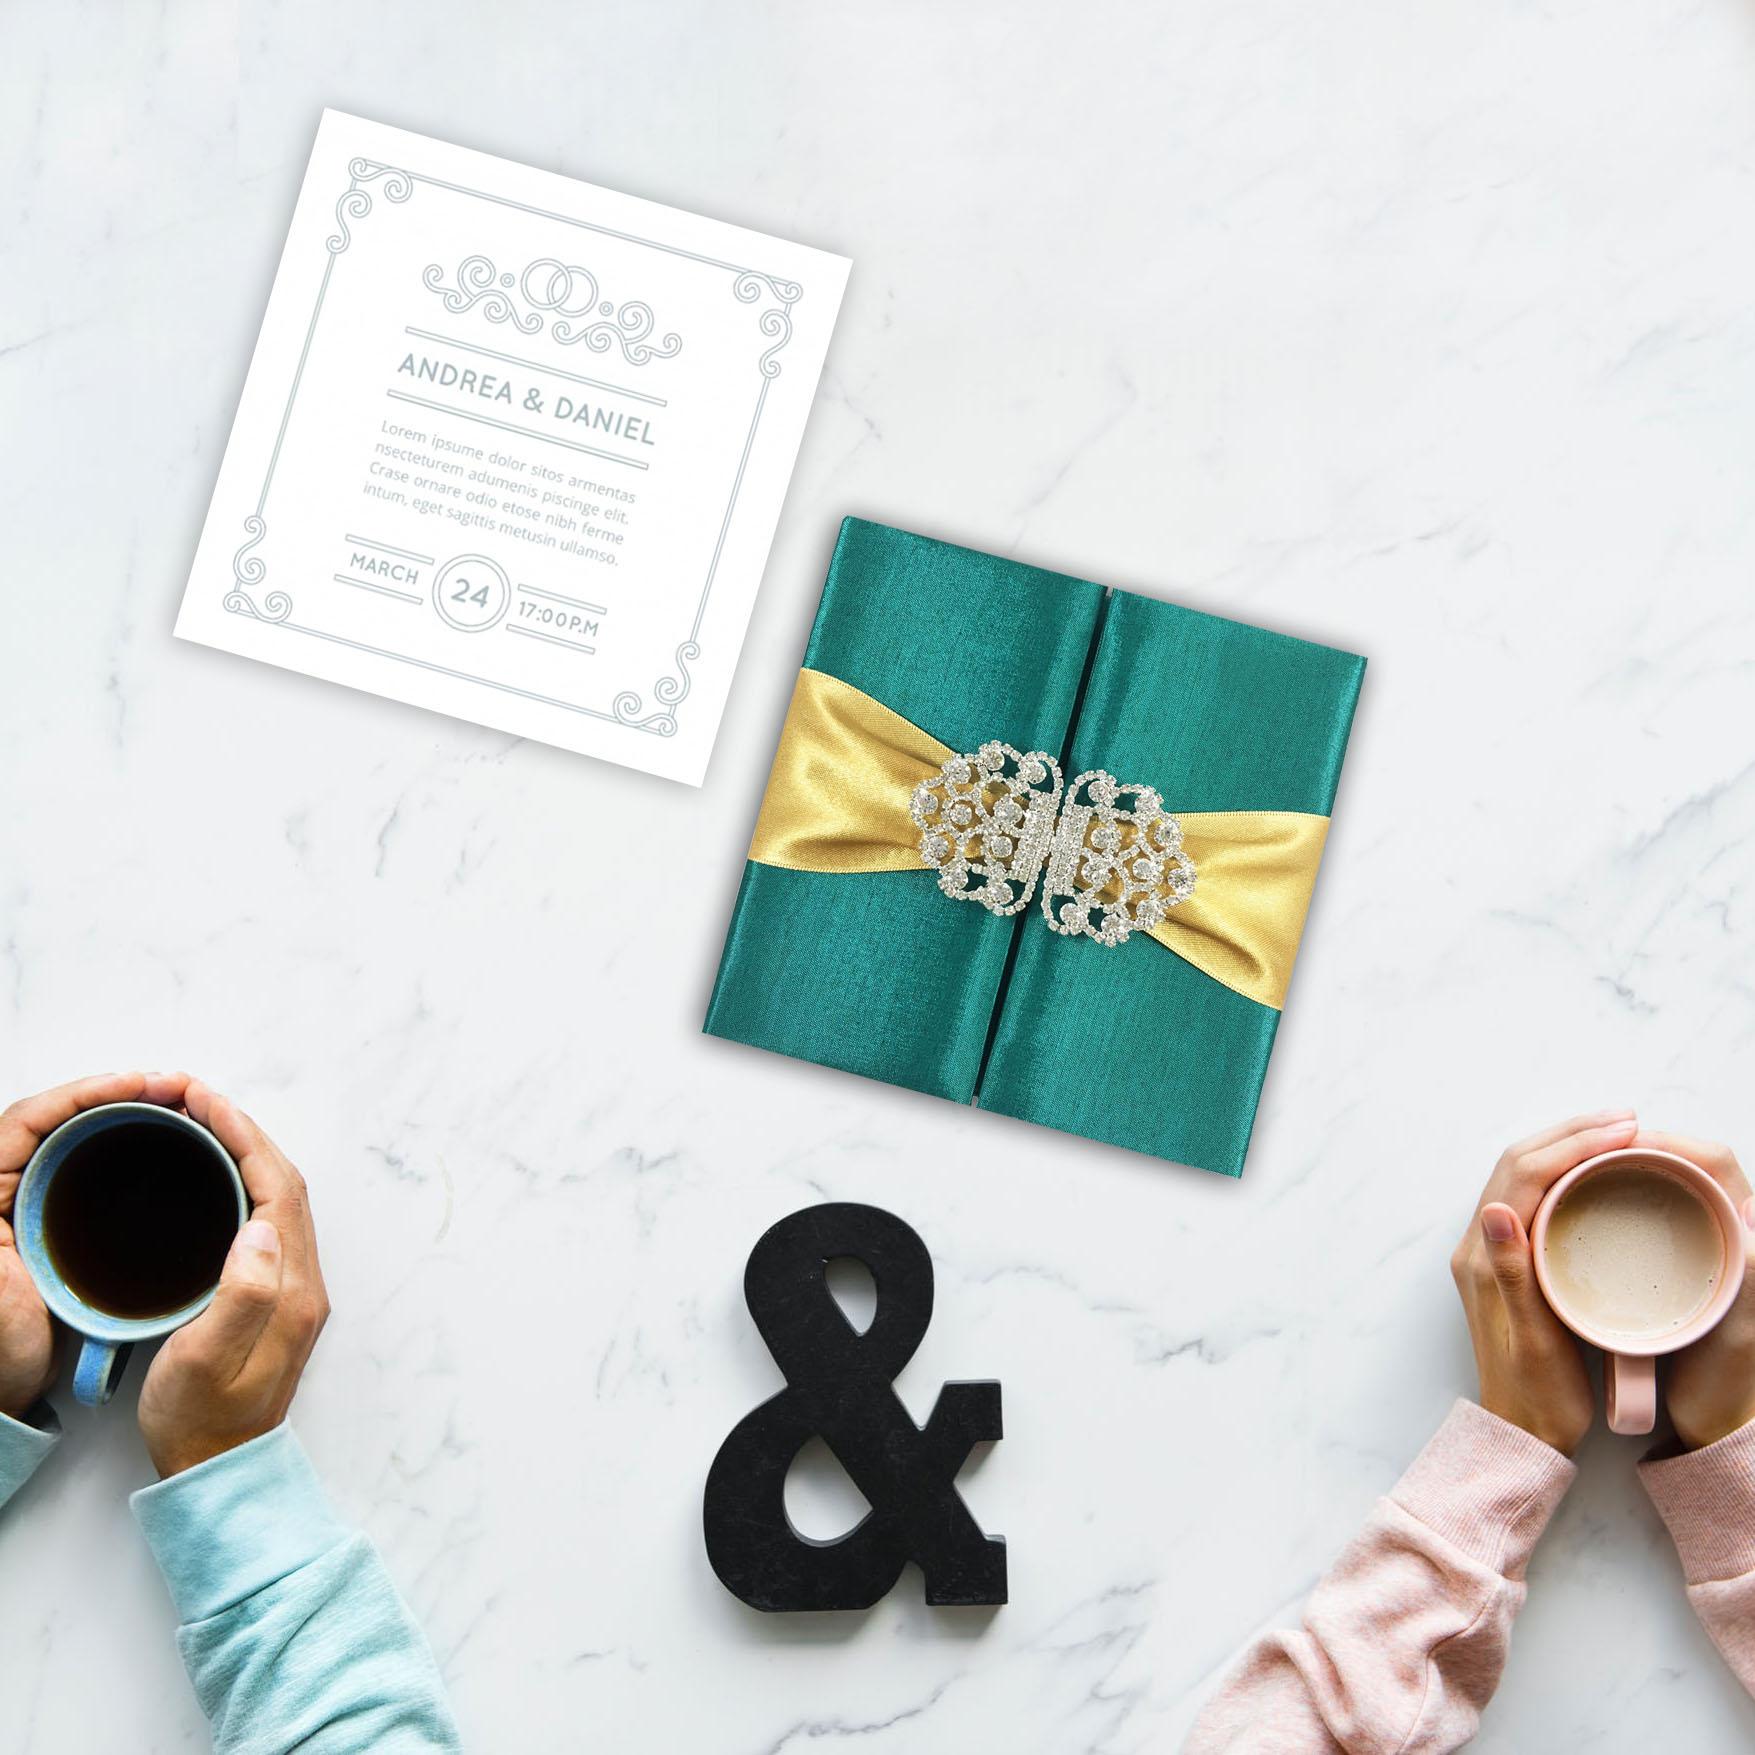 handcrafted high-end wedding invitation design by Dennis Wisser